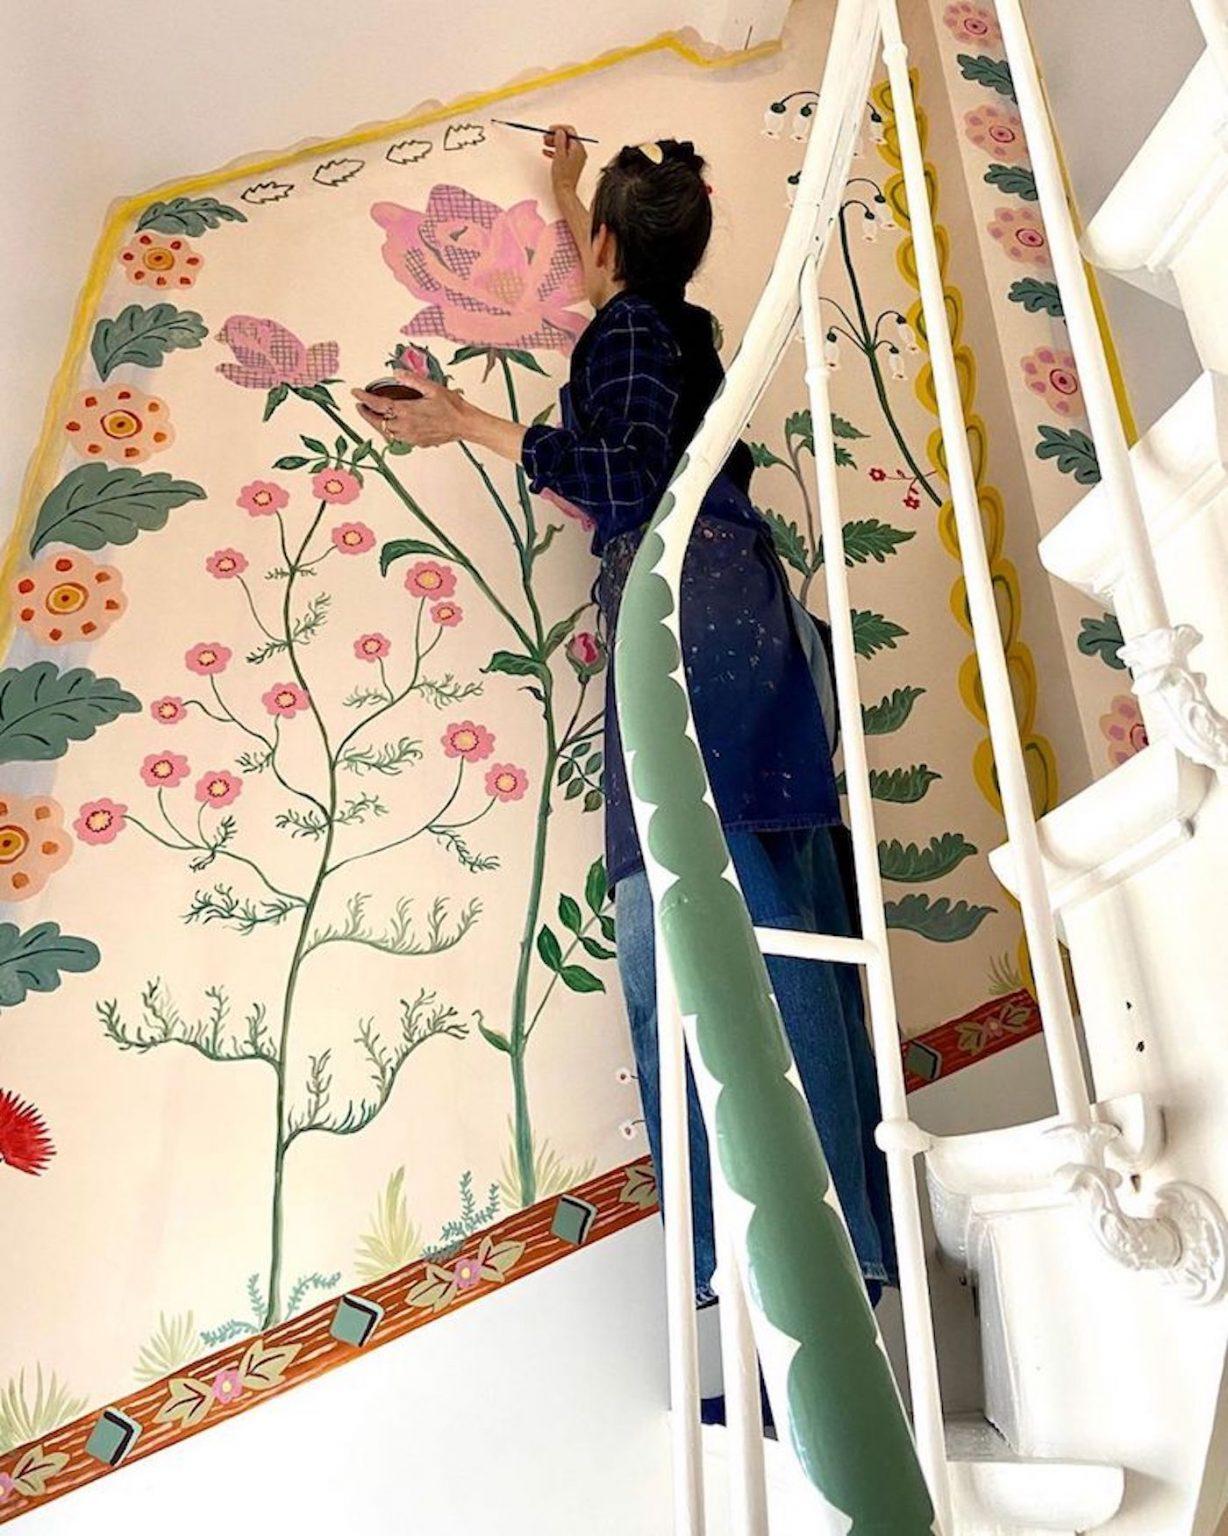 nathalie-lete-peintre-maison-fleurs-14-1228x1536